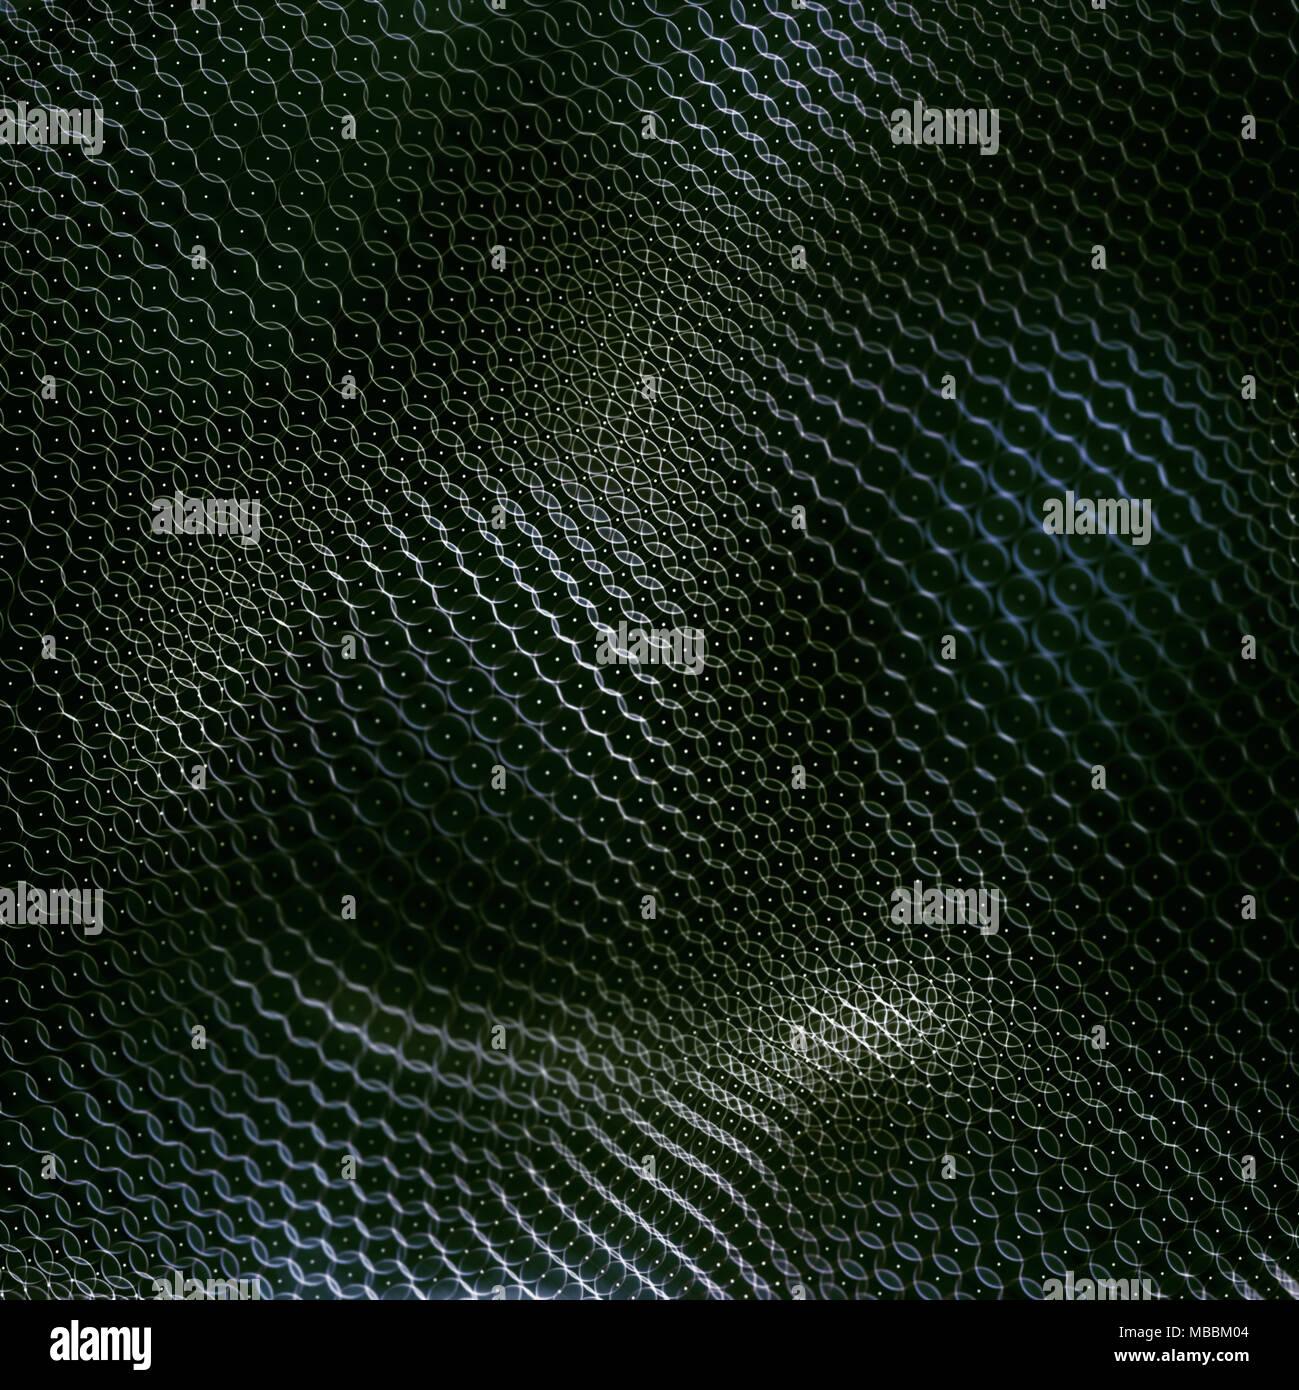 3D'illustrazione. Sfondo astratto di cerchi intrecciati e uniti sotto forma di una maglia flessibile. Immagini Stock